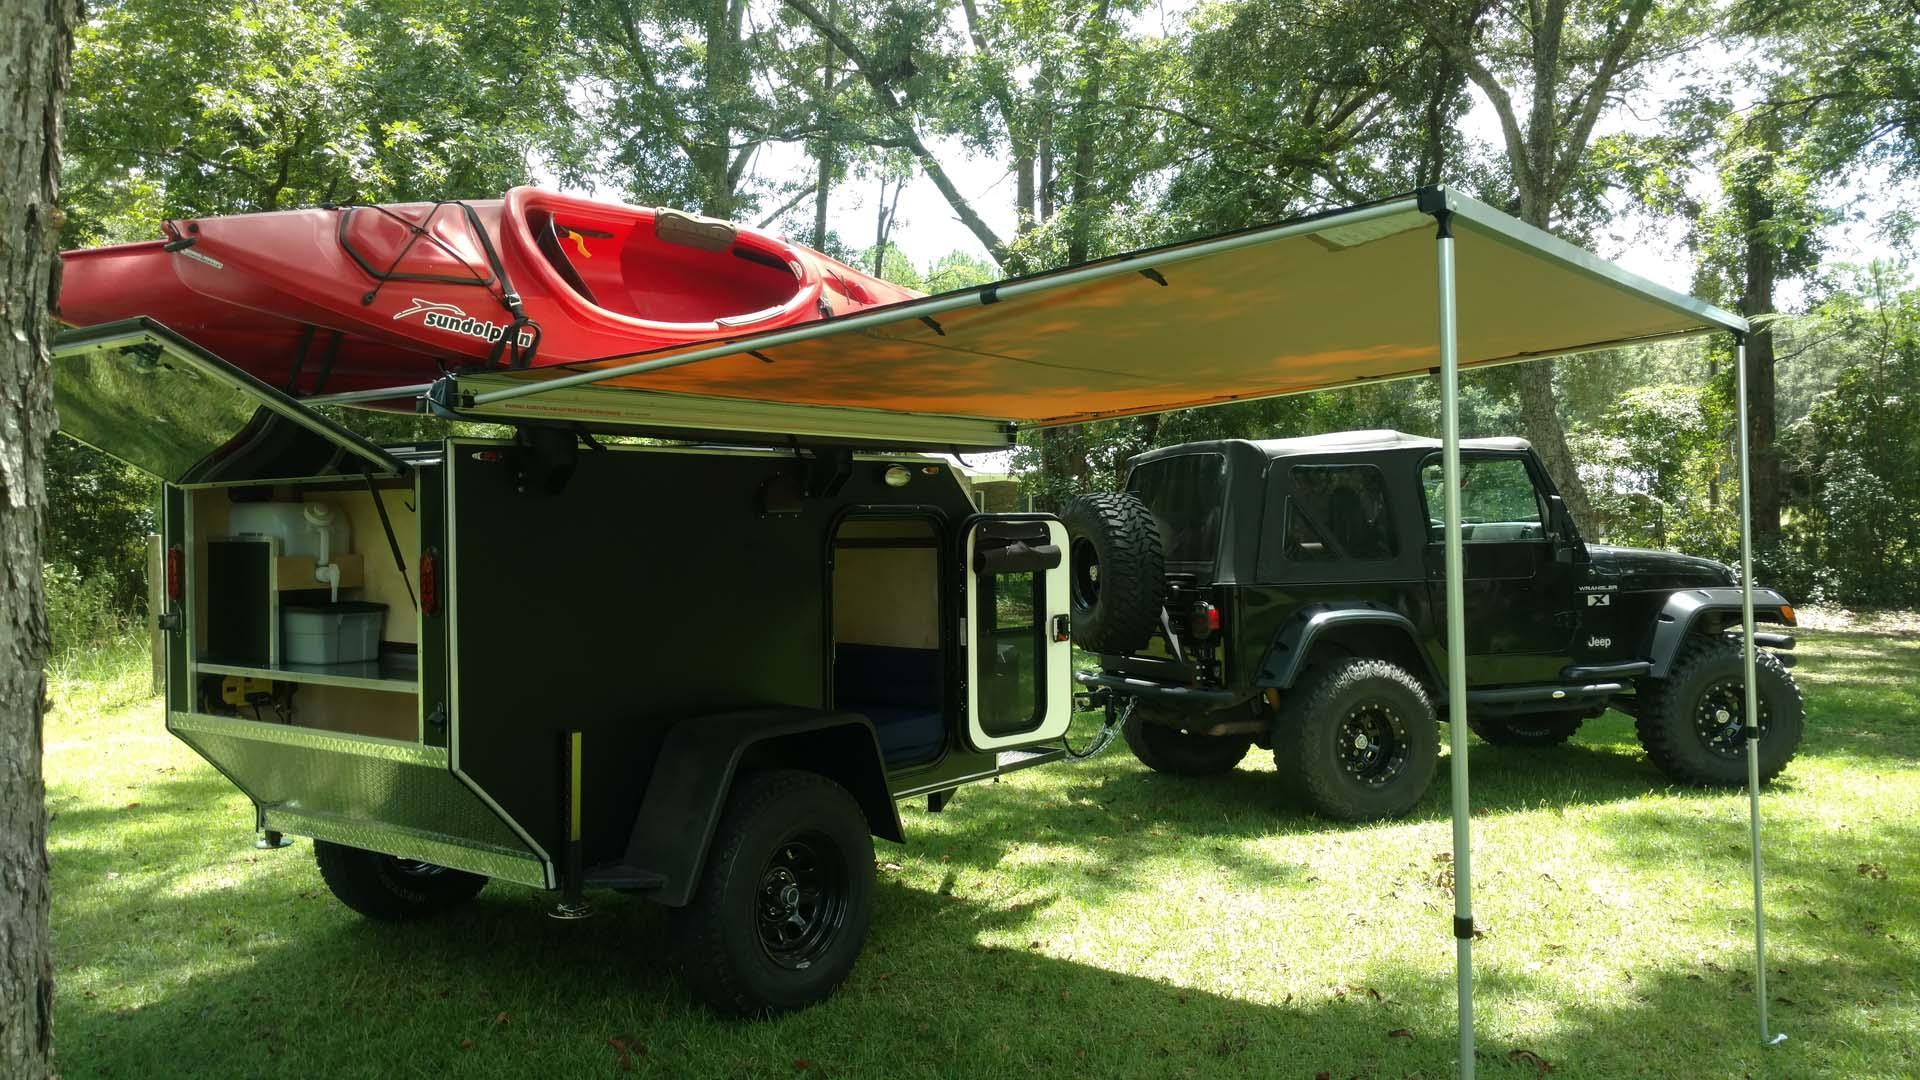 Big Franks Outdoors Vintage Trailer Works Command Camp